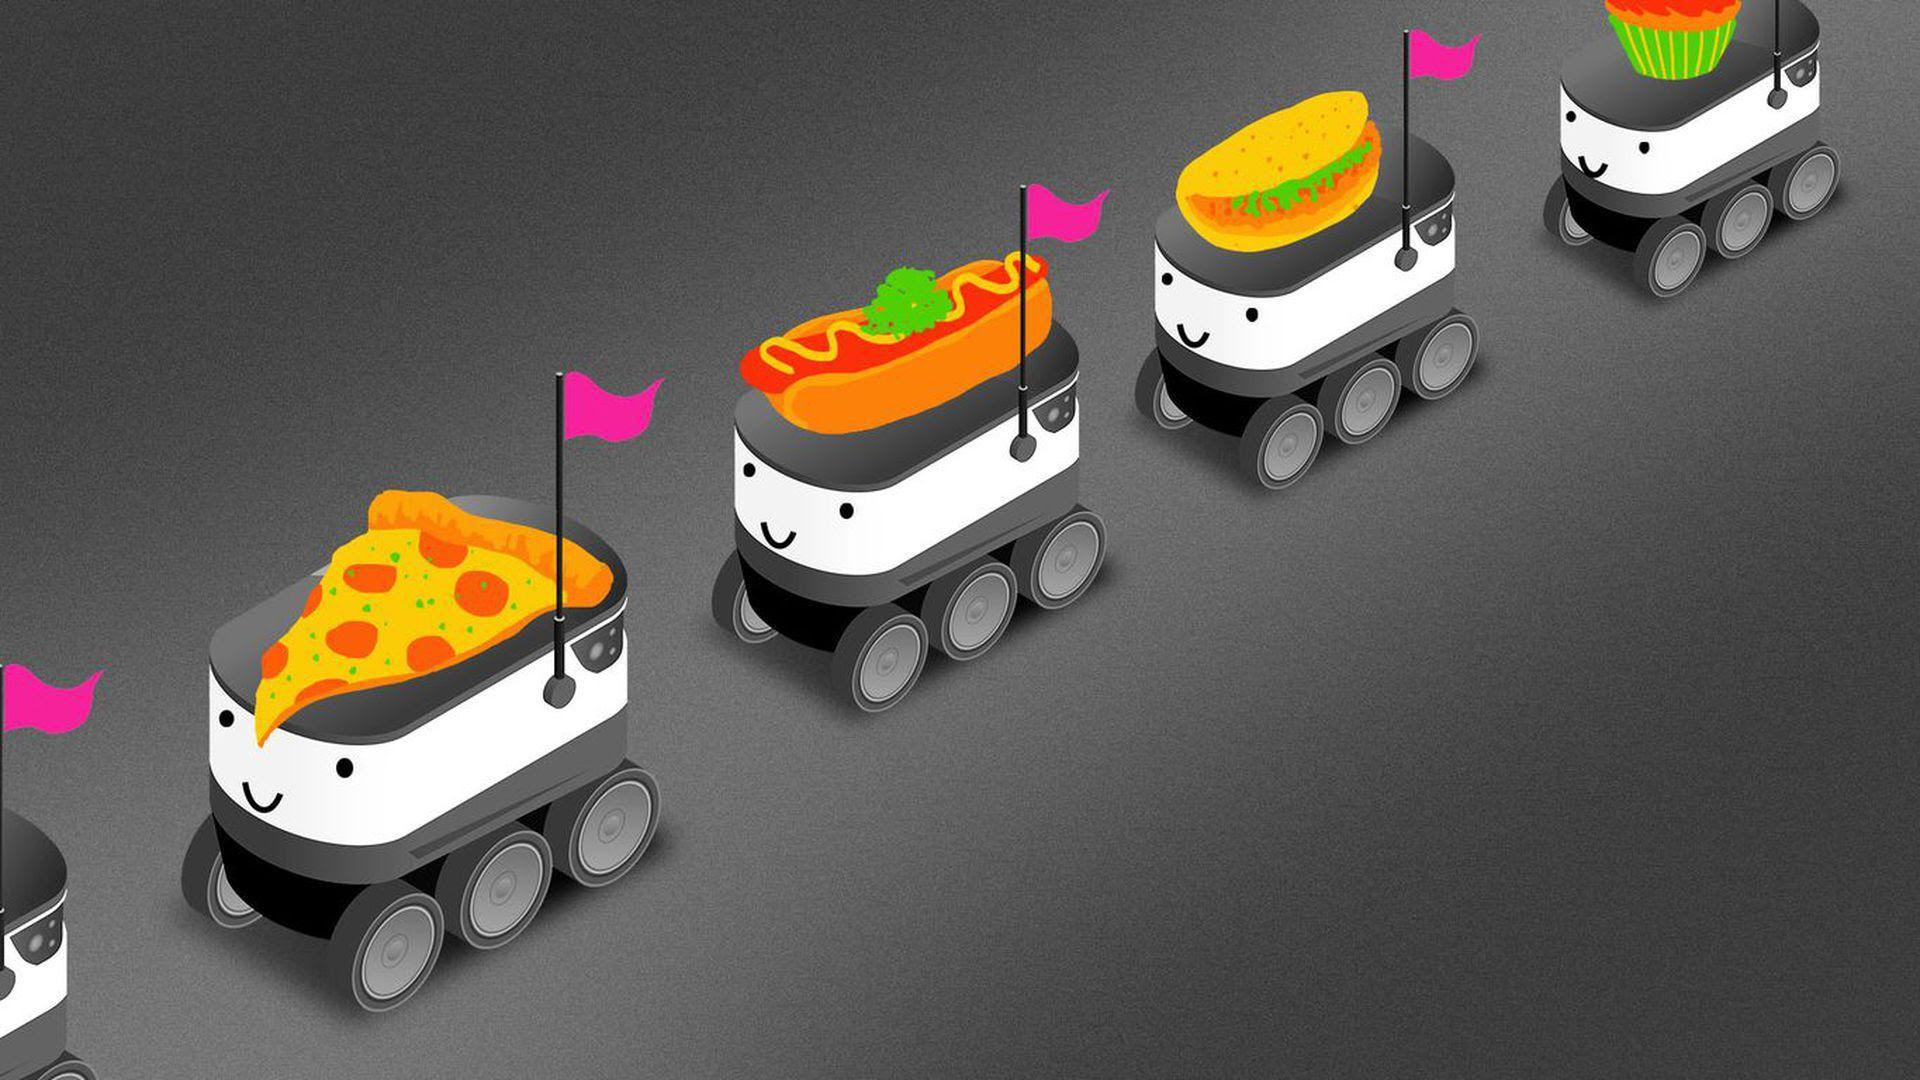 Illustration of mini robots delivering food